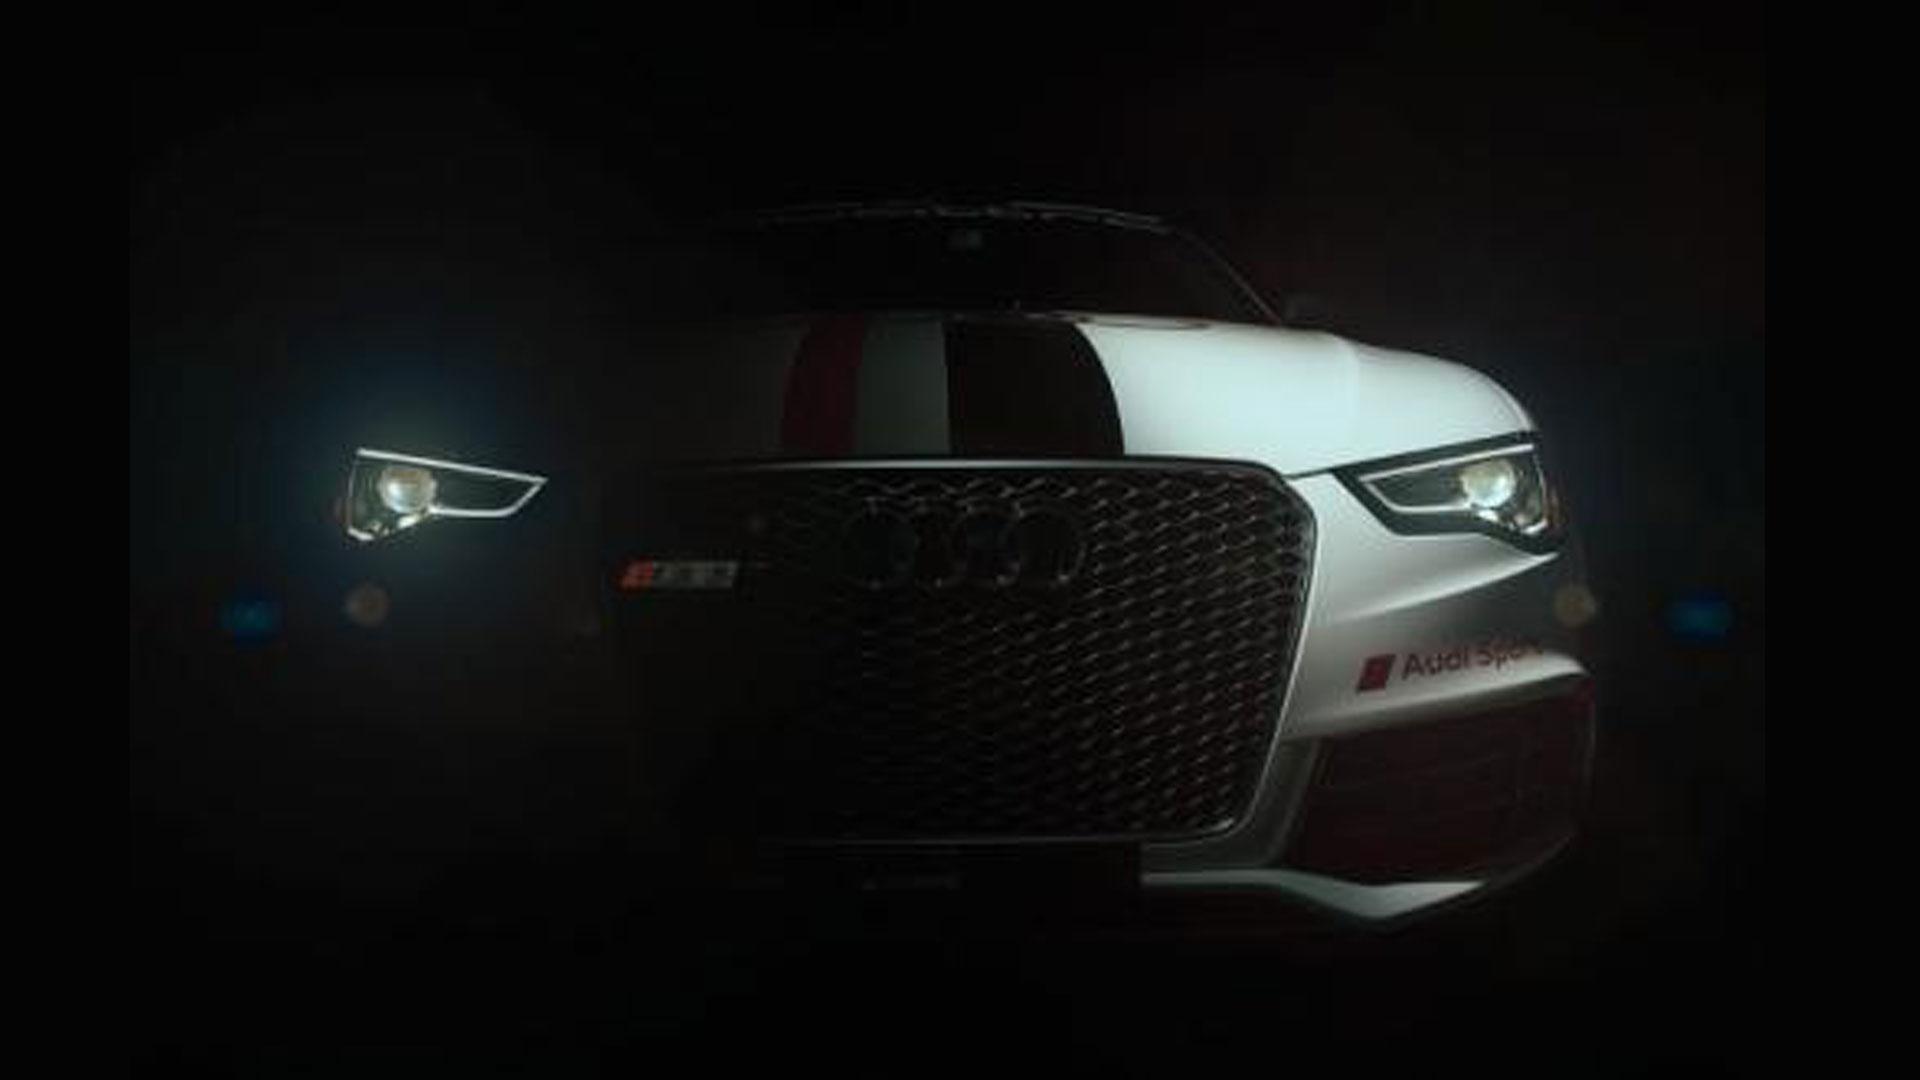 Audi-RS5-Pikes-Peak-Wallpaper.jpg